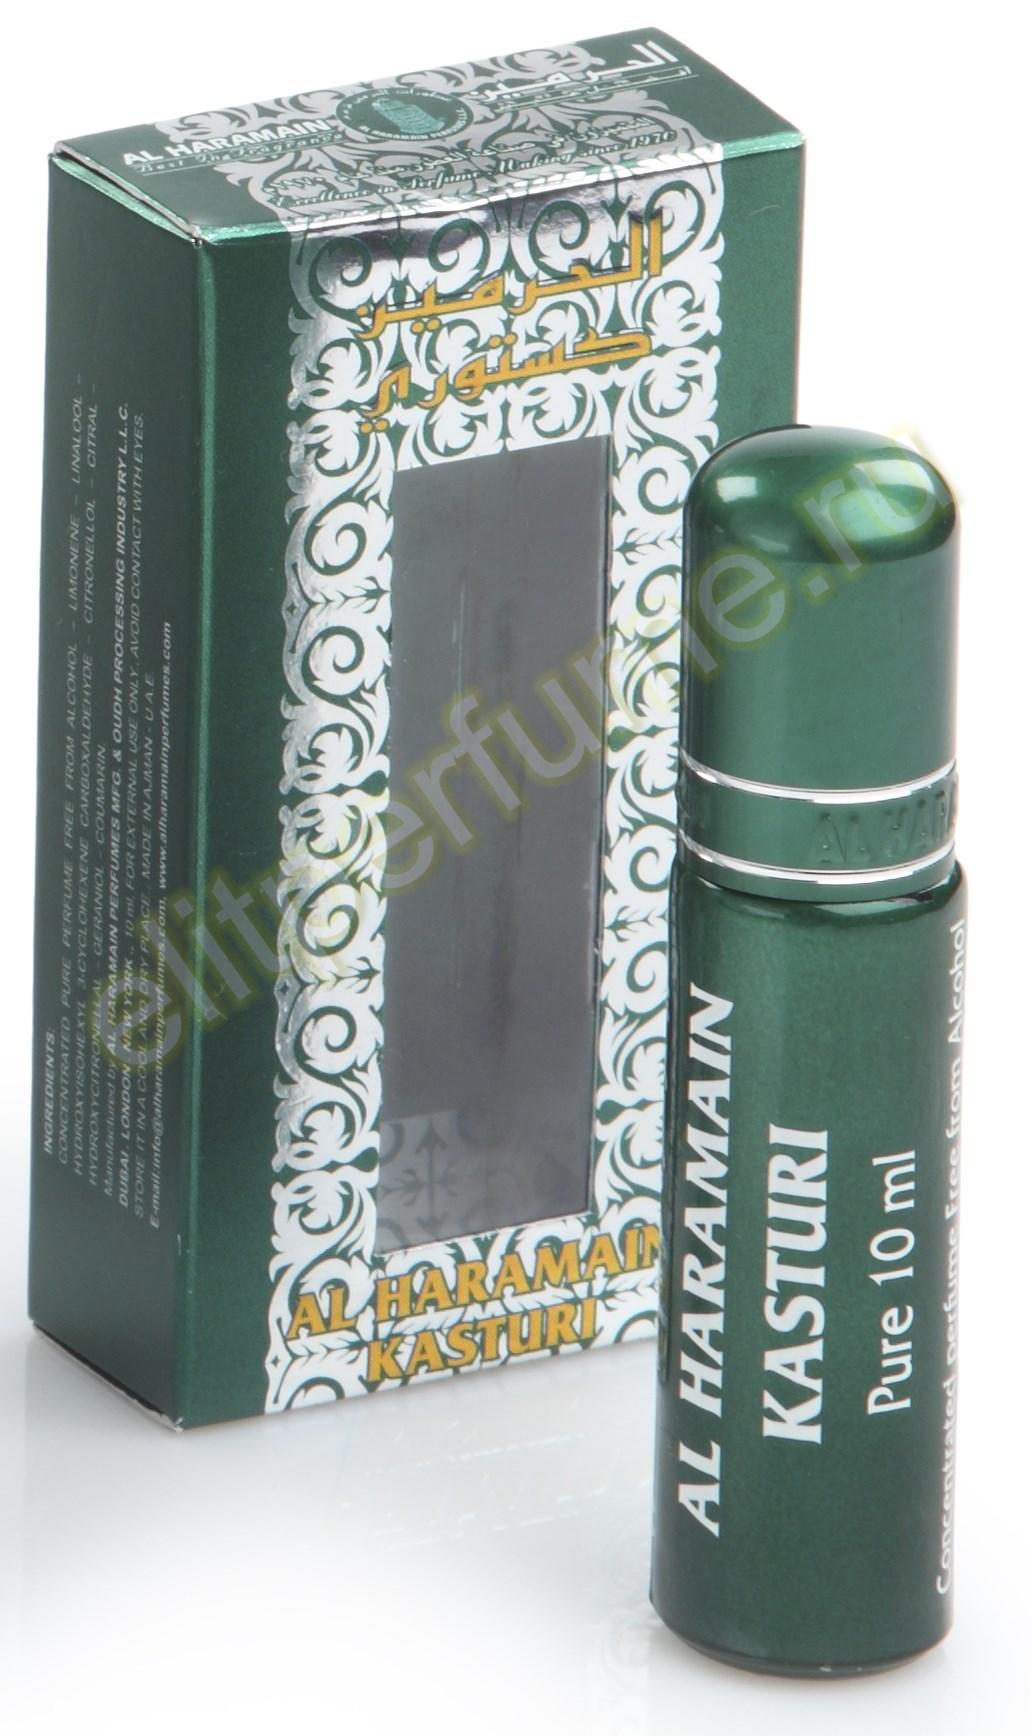 Аль Харамайн Кастури Al Haramain Kasturi 10мл арабские масляные духи от Аль Харамайн Al Haramain Perfumes